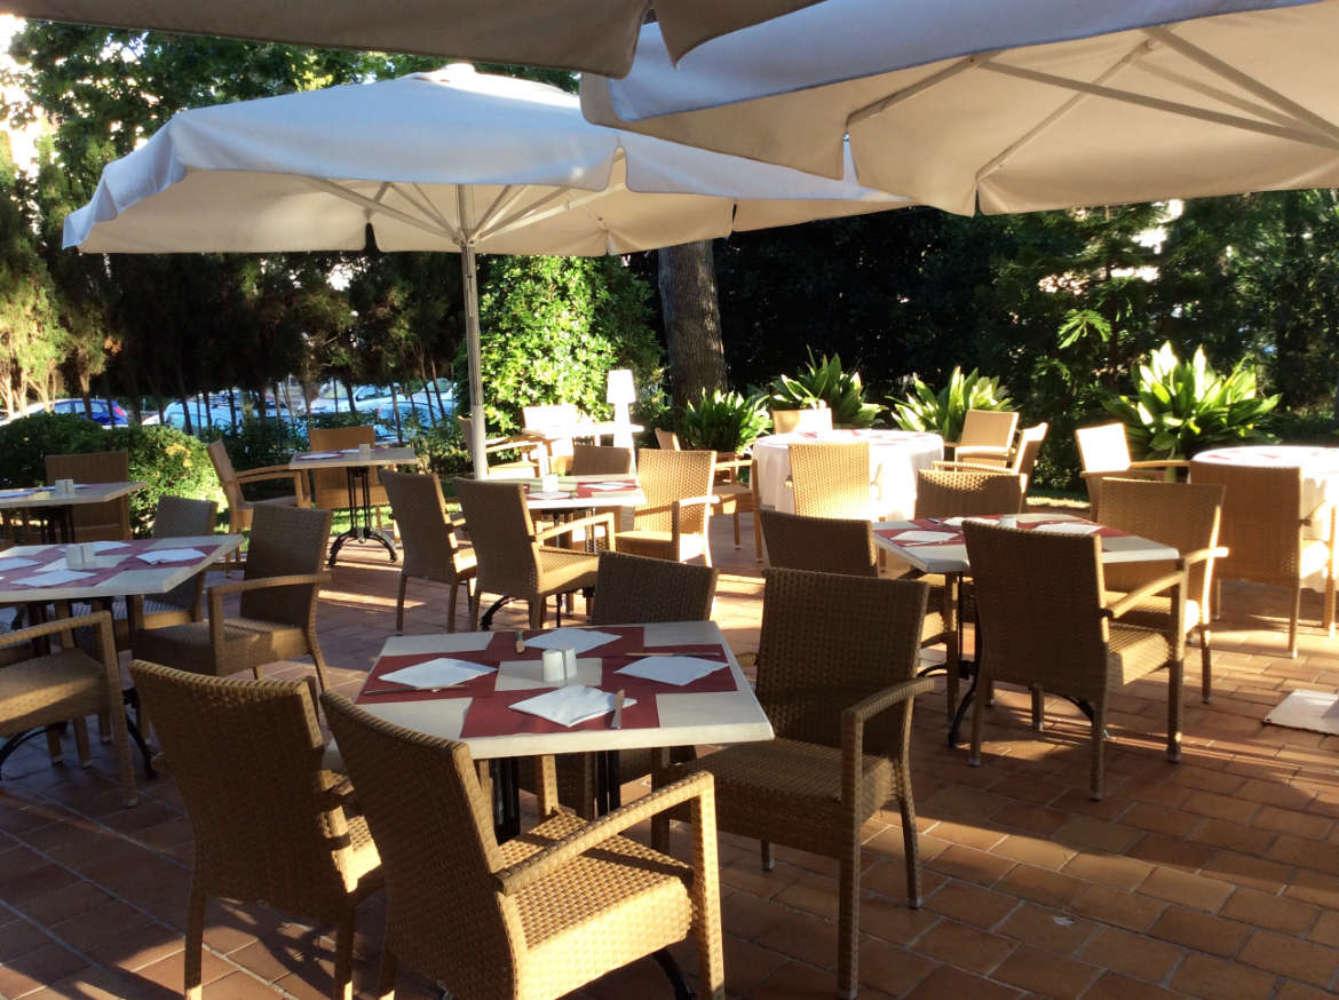 Das Restaurant im Gartenbereich